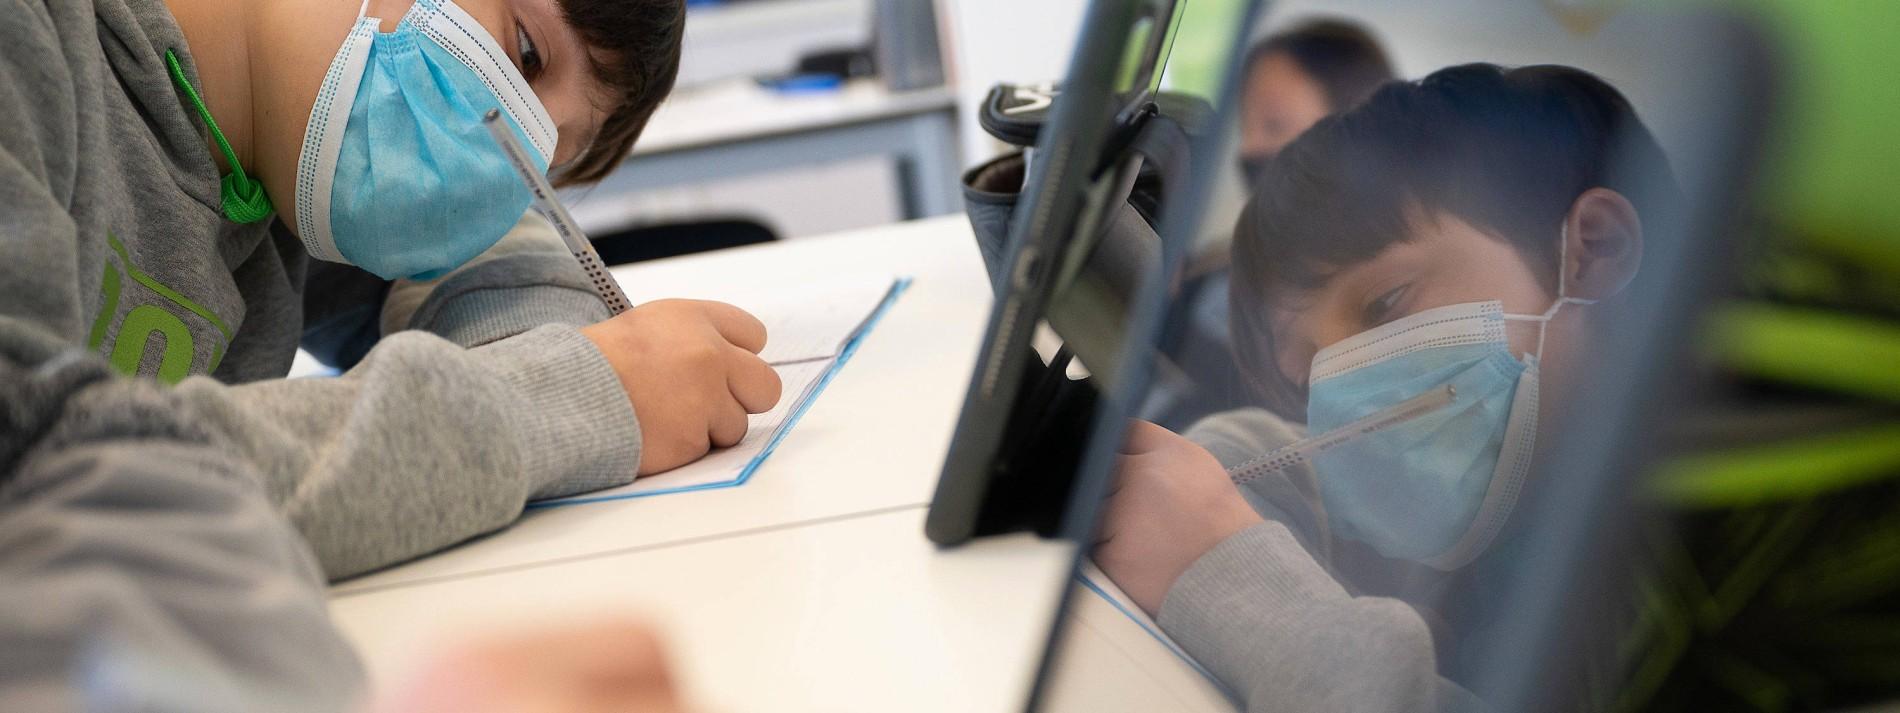 Jede zweite Schule stellt kein Wlan für Schüler bereit